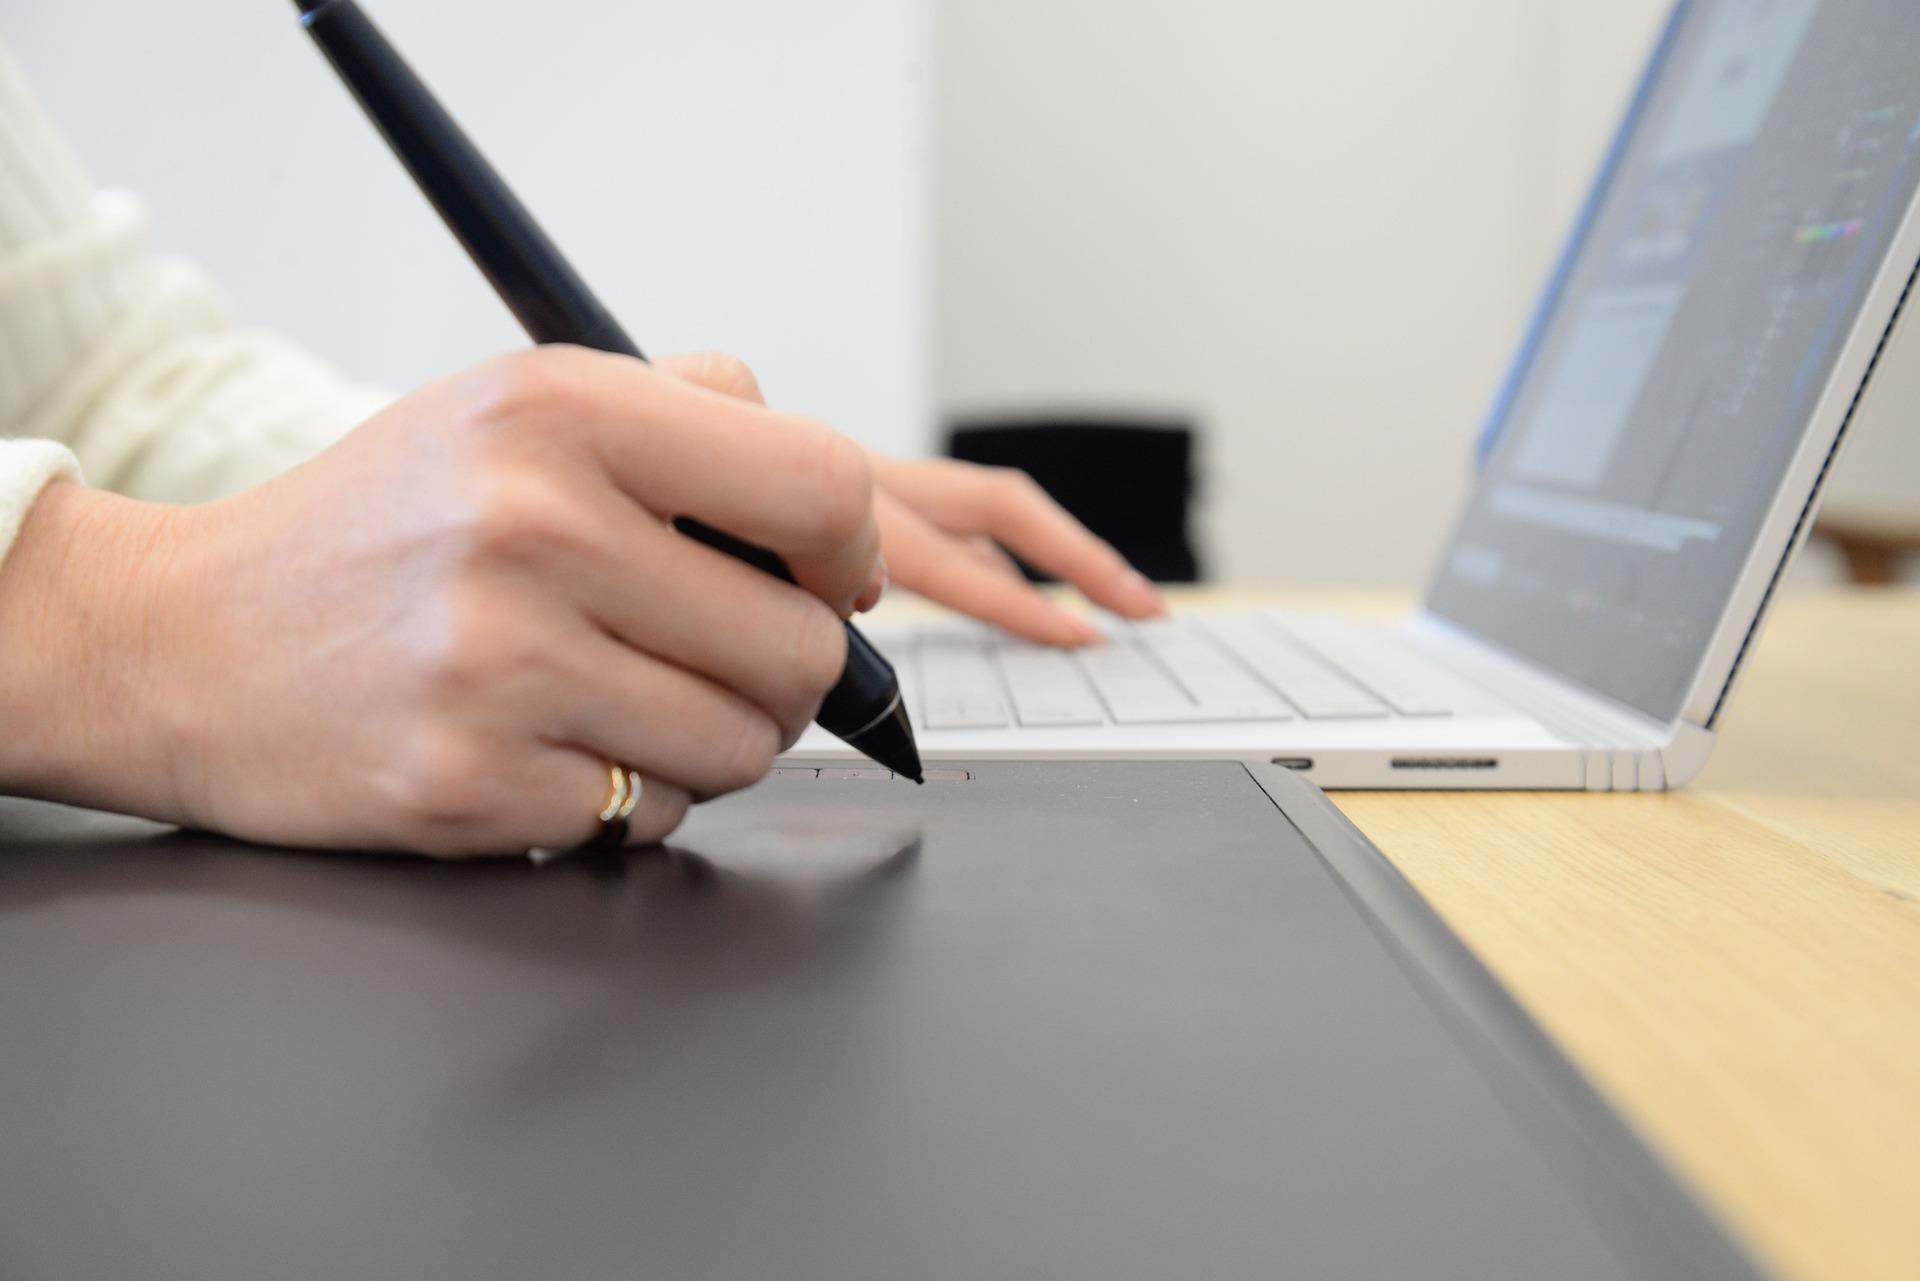 パソコンを操作しながら右手でメモを取っている手元